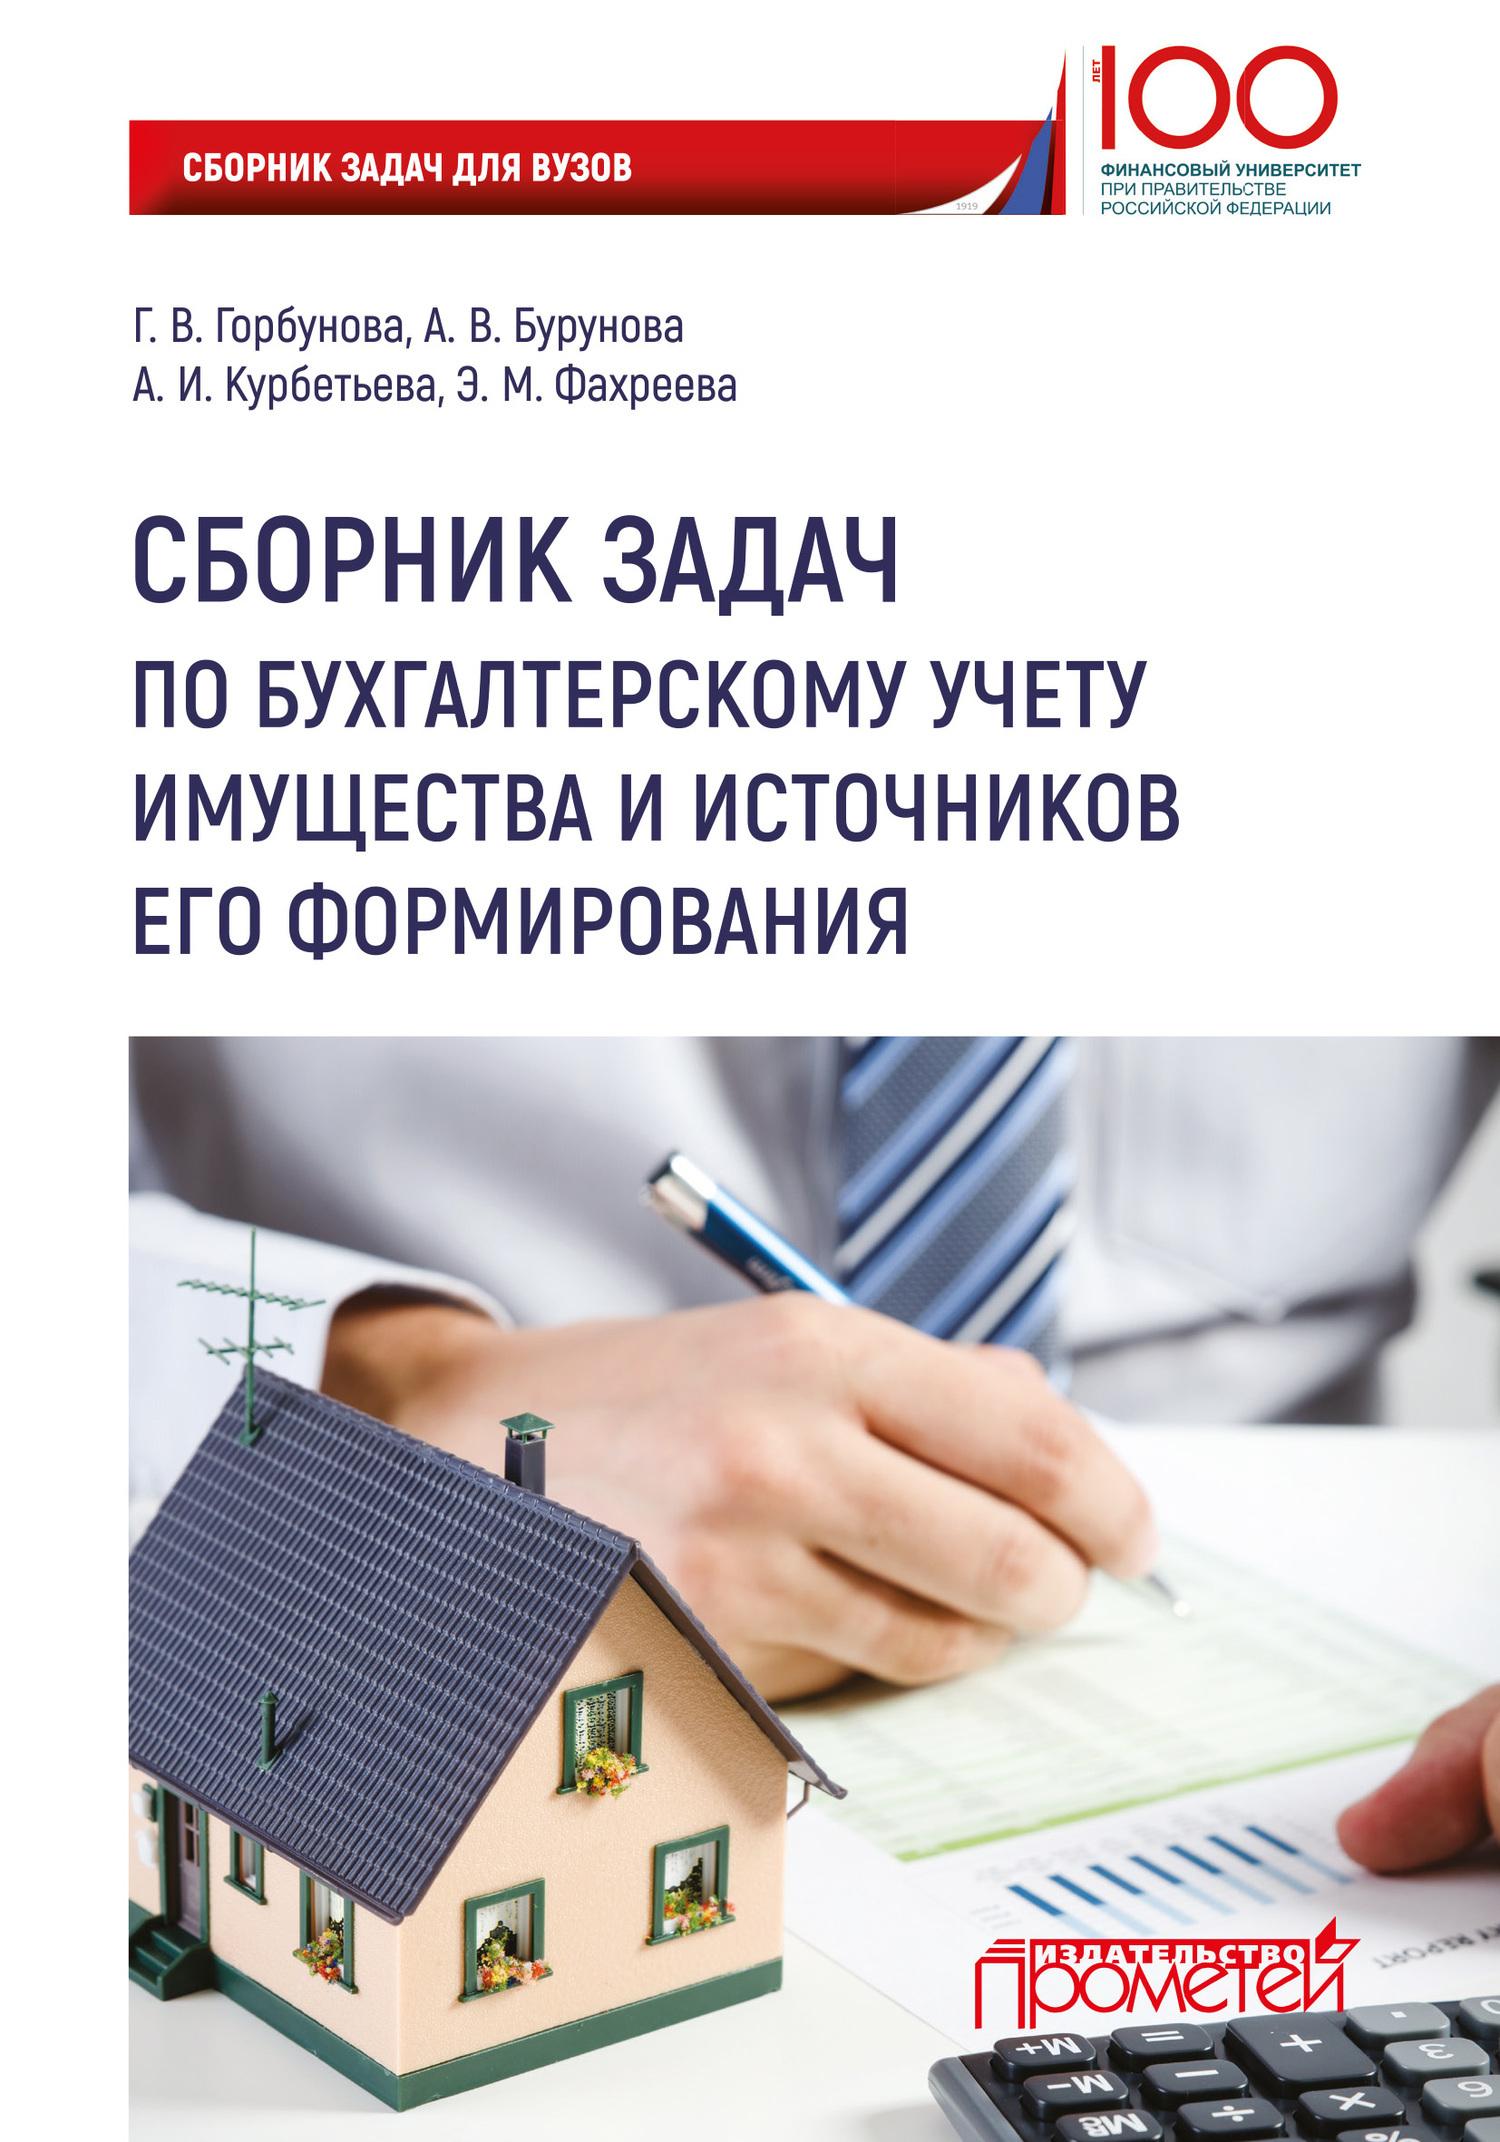 Обложка книги. Автор - А. Курбетьева